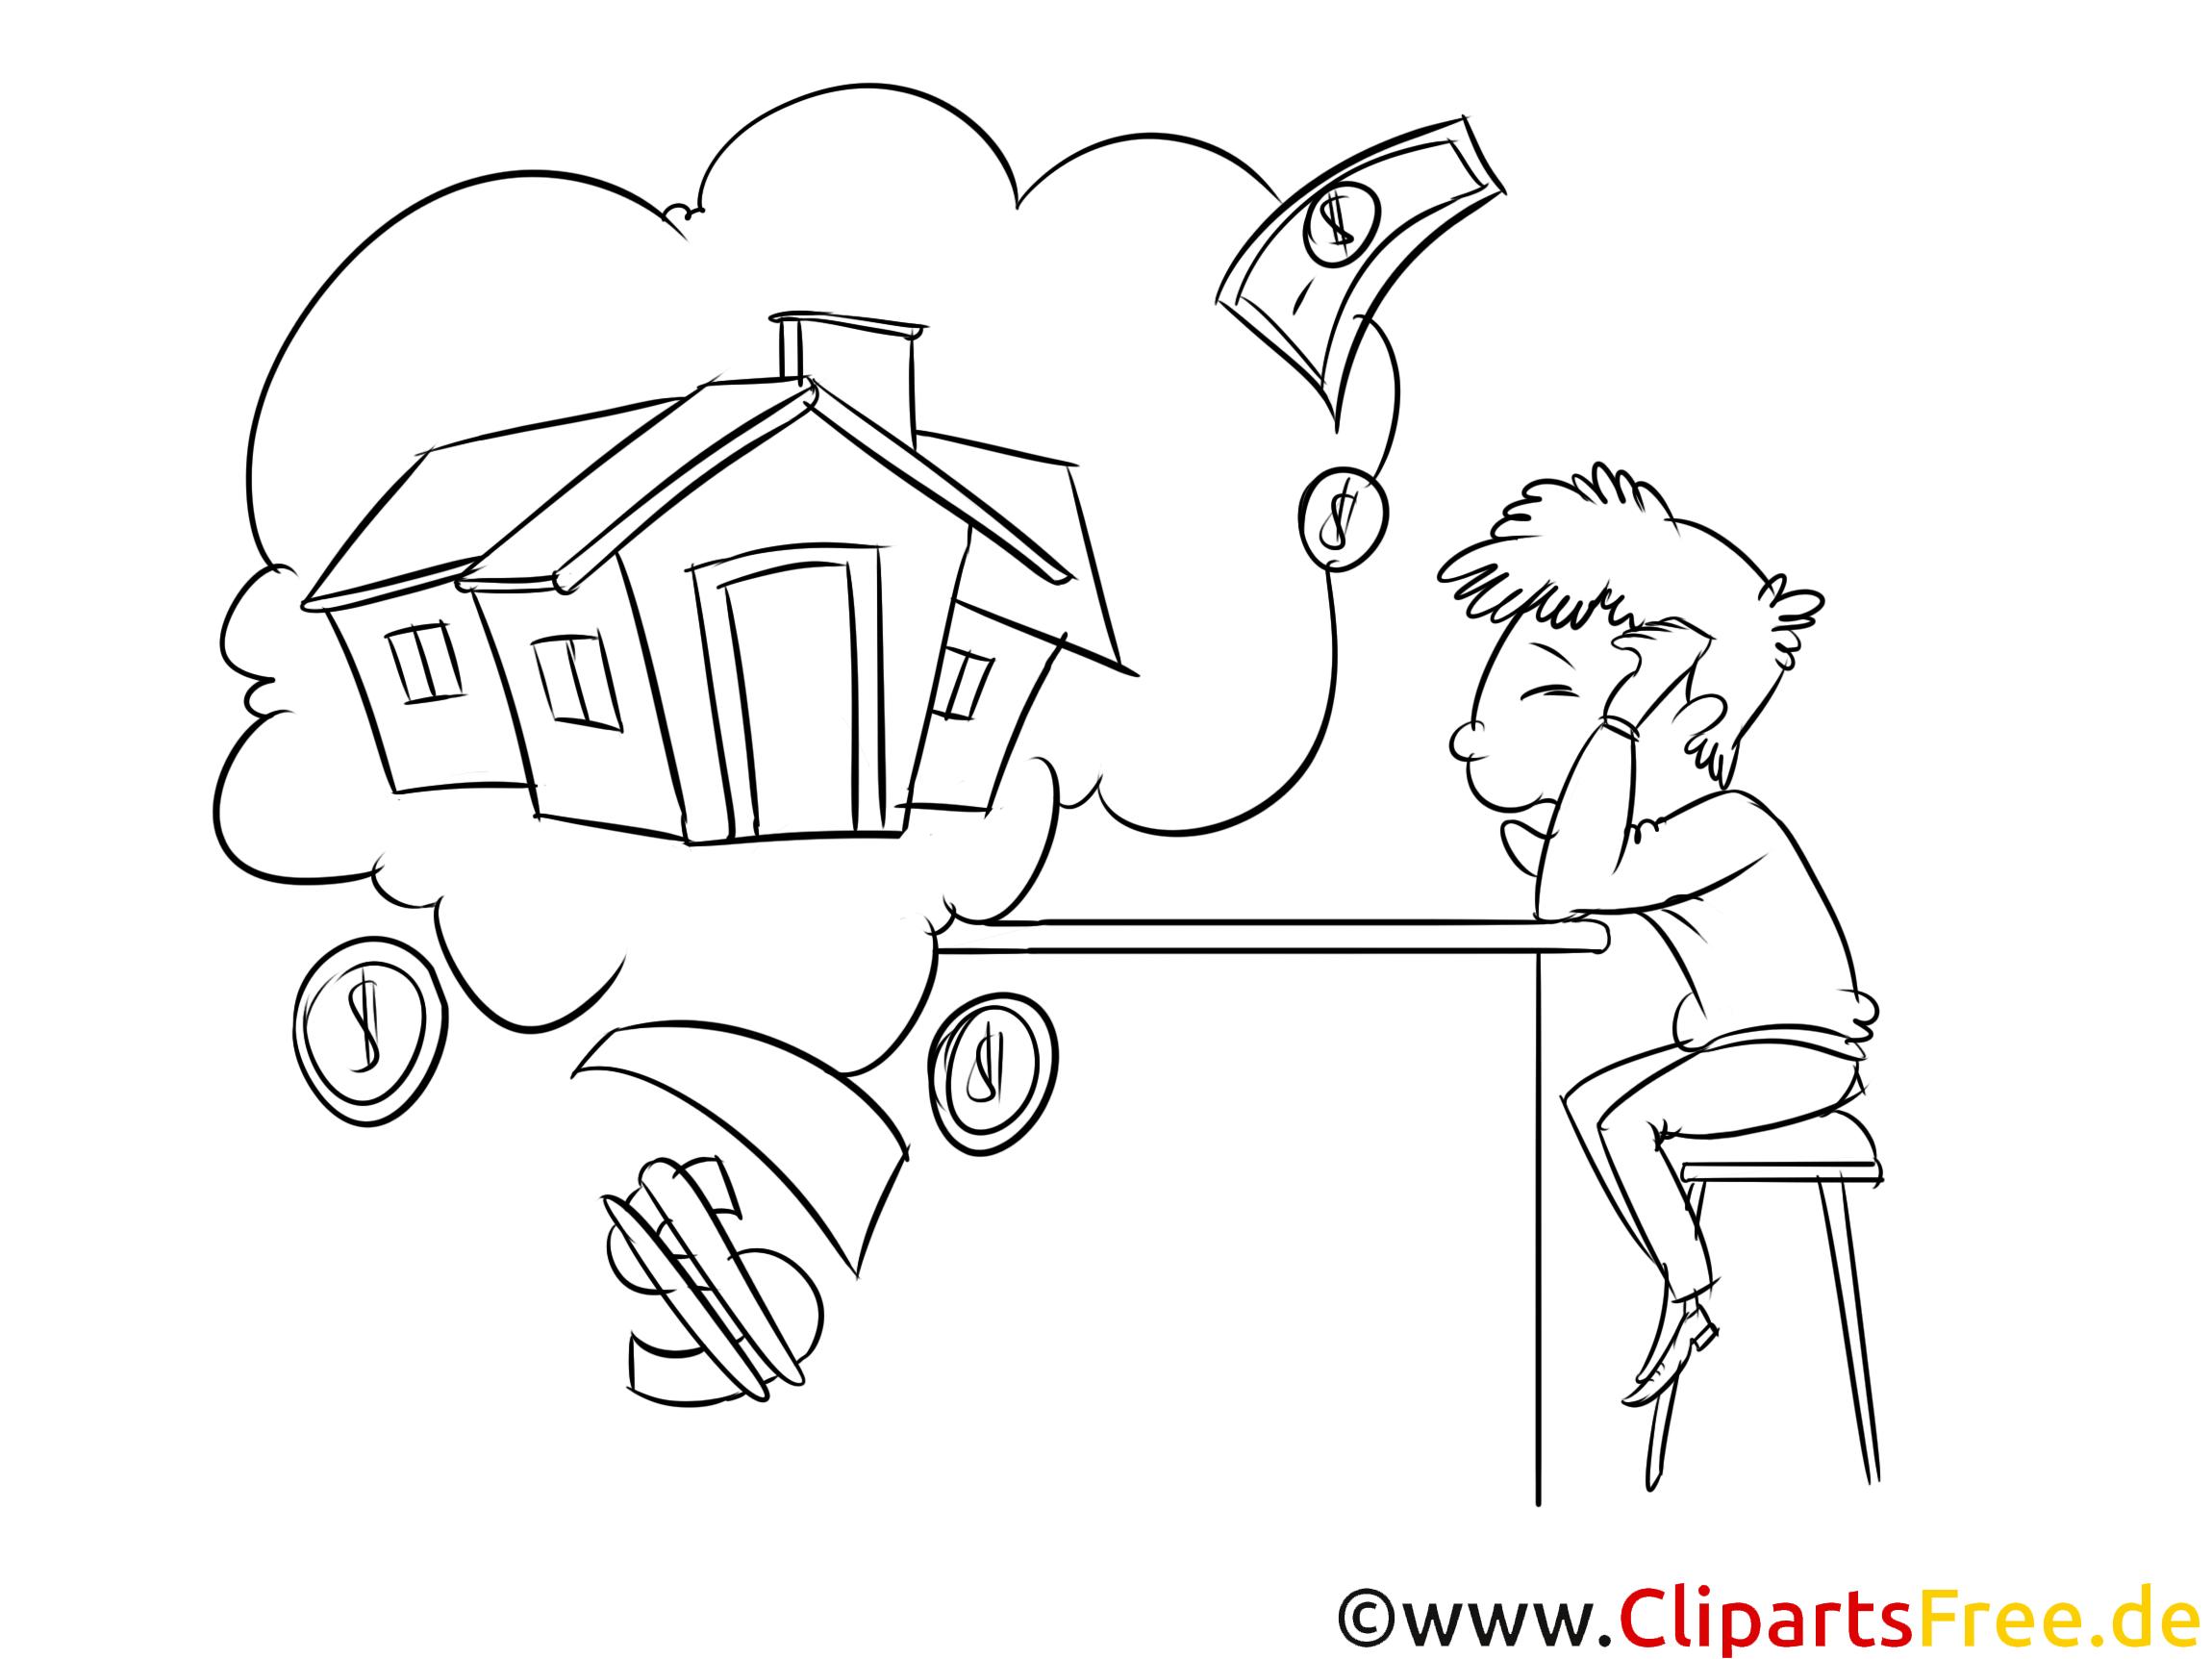 Hauskredit Bild schwarz-weiß Clipart, Vorlage zum Ausmalen